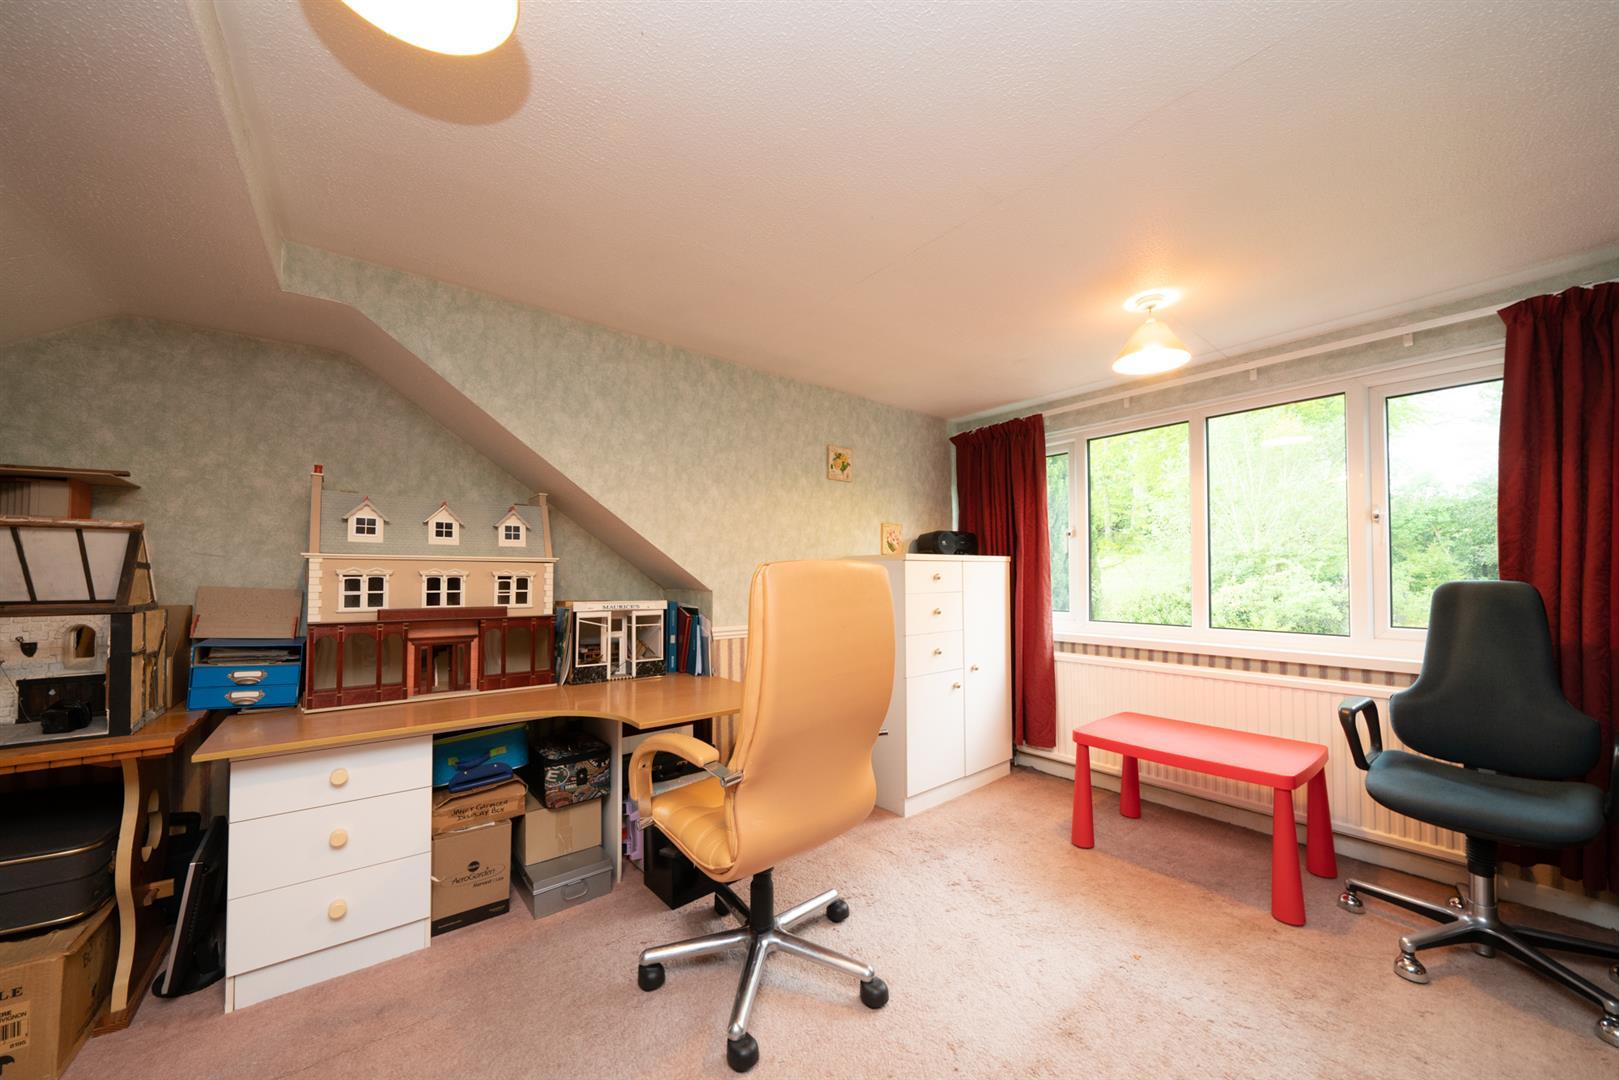 bedroom 6 top room.jpg